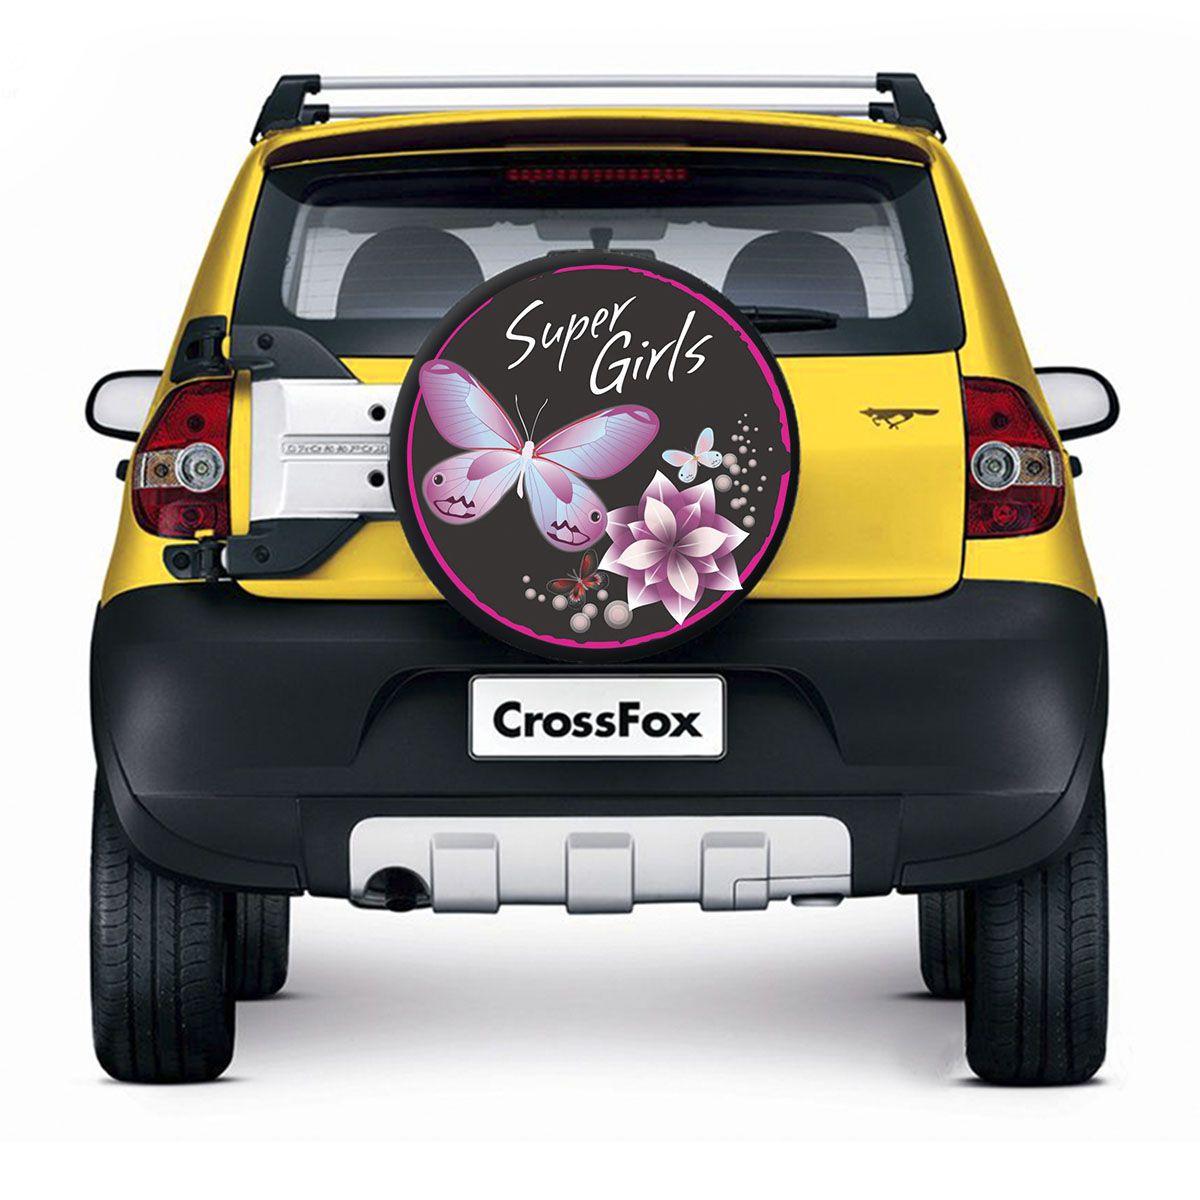 Capa de Estepe Crossfox 2005 a 2019 Super Girls Com Cadeado